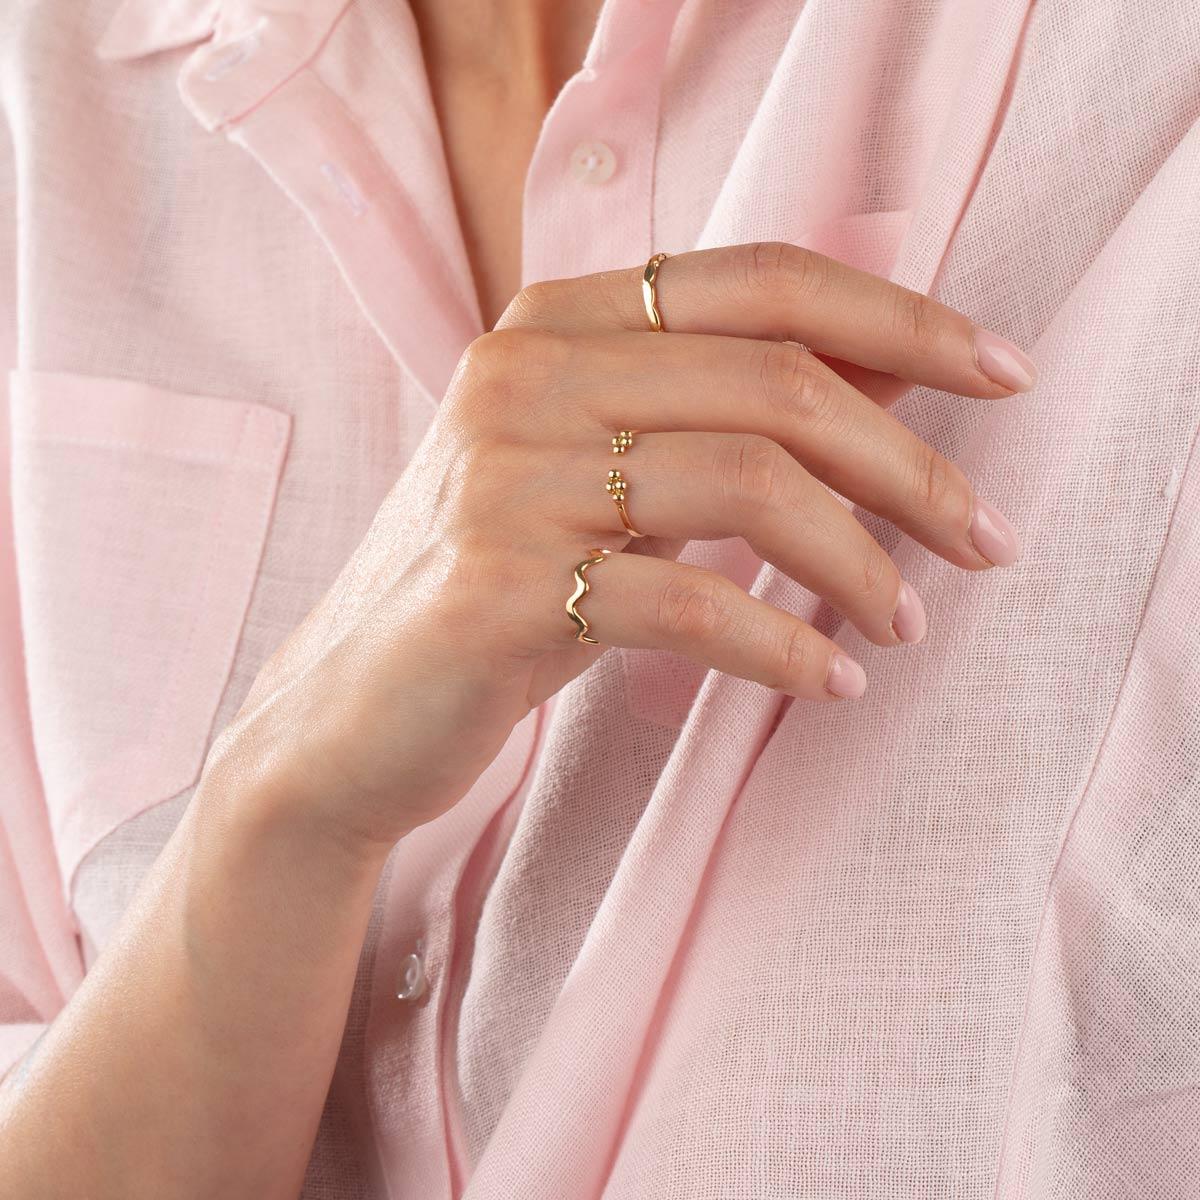 انگشتر طلا زیگزاگ